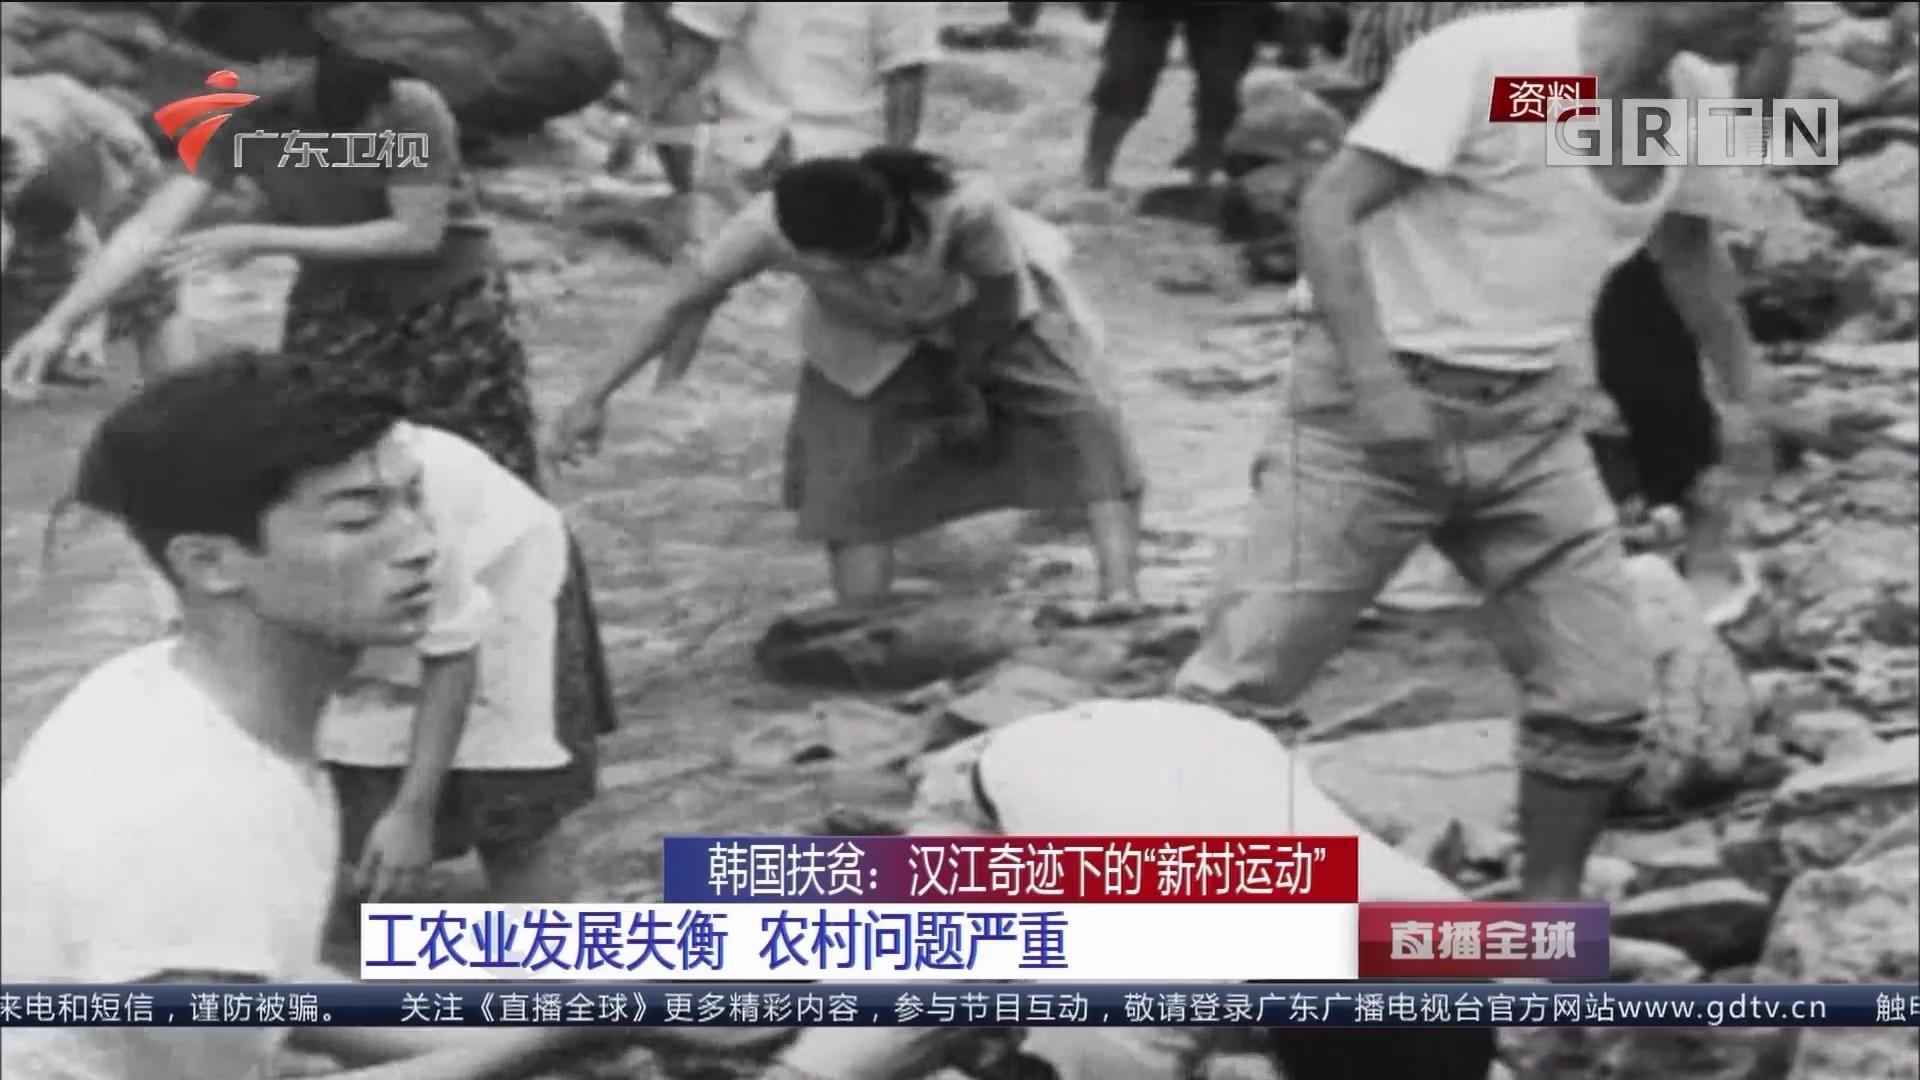 """韩国扶贫:汉江奇迹下的""""新村运动"""" 工农业发展失衡 农村问题严重"""